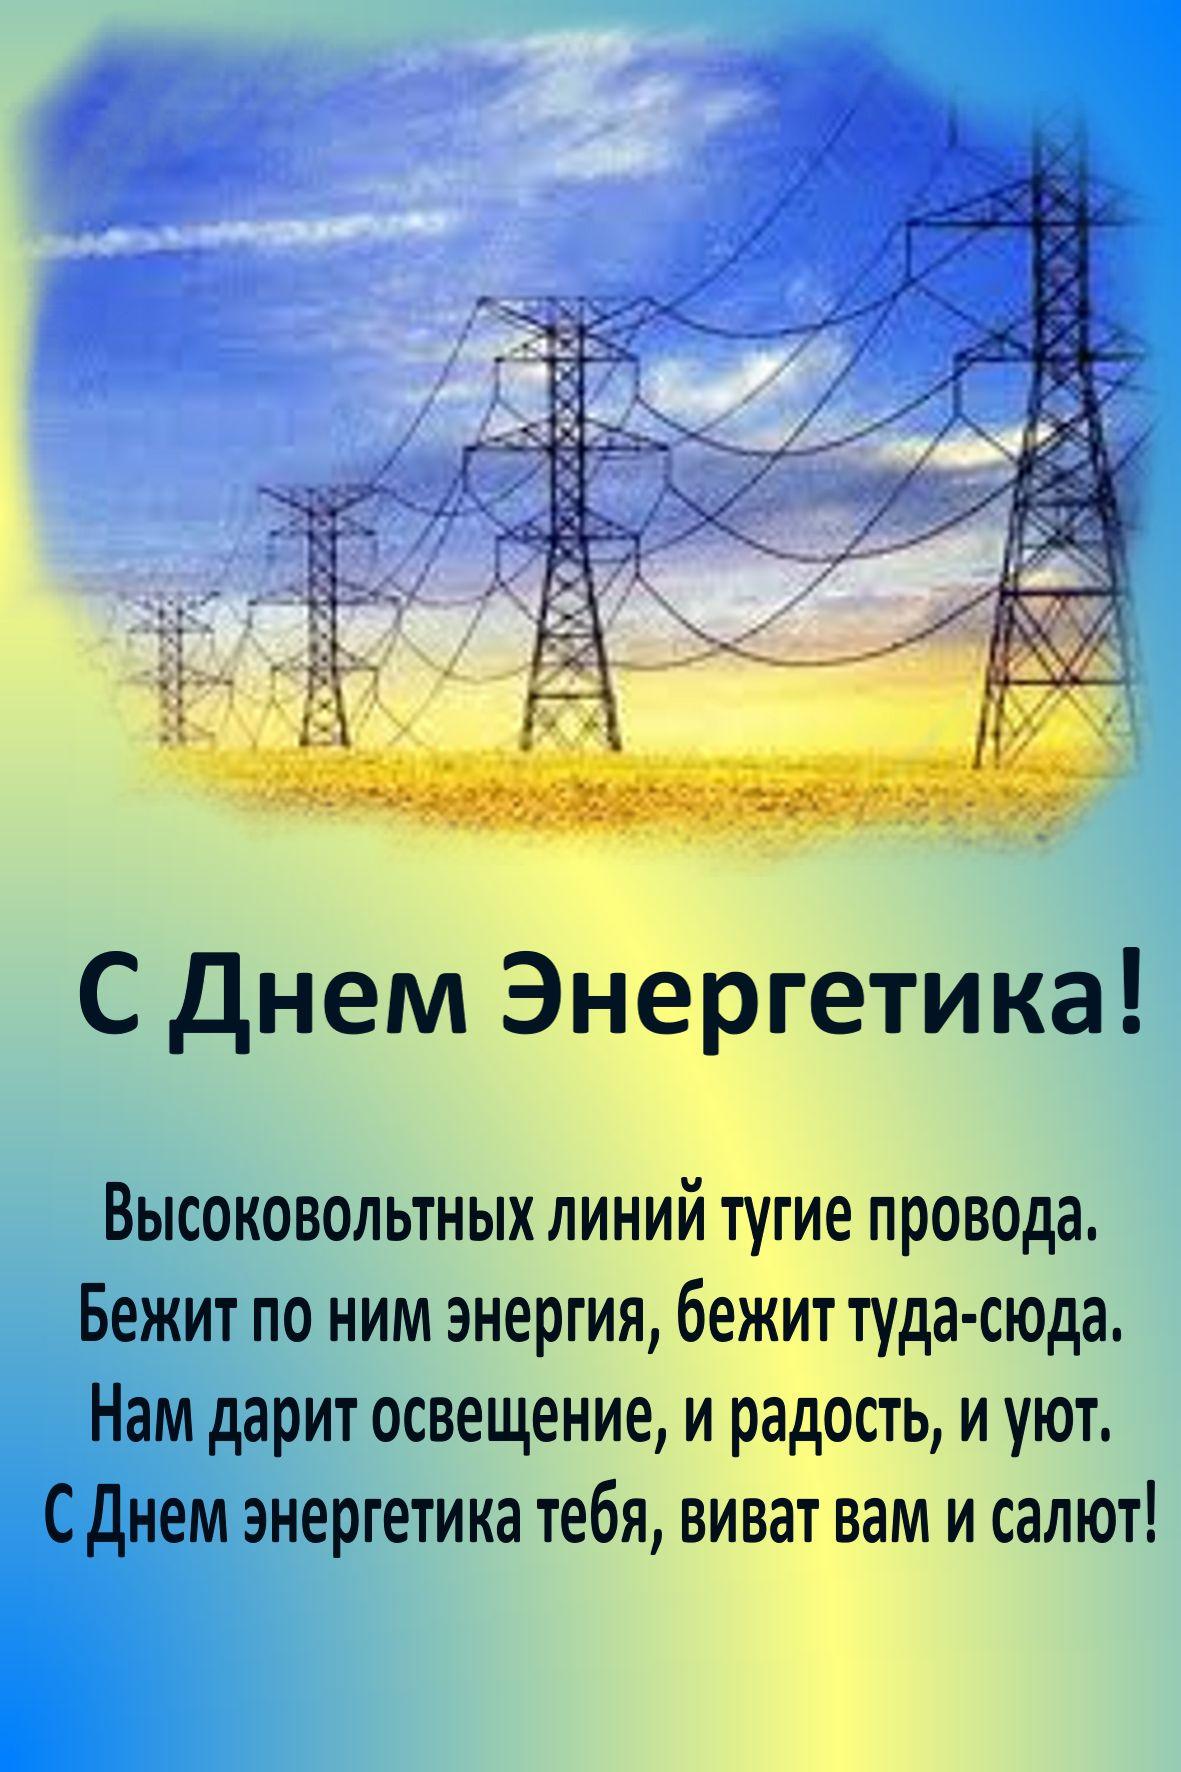 Можно, поздравления с днем энергетика в картинках прикольные коллегам по работе